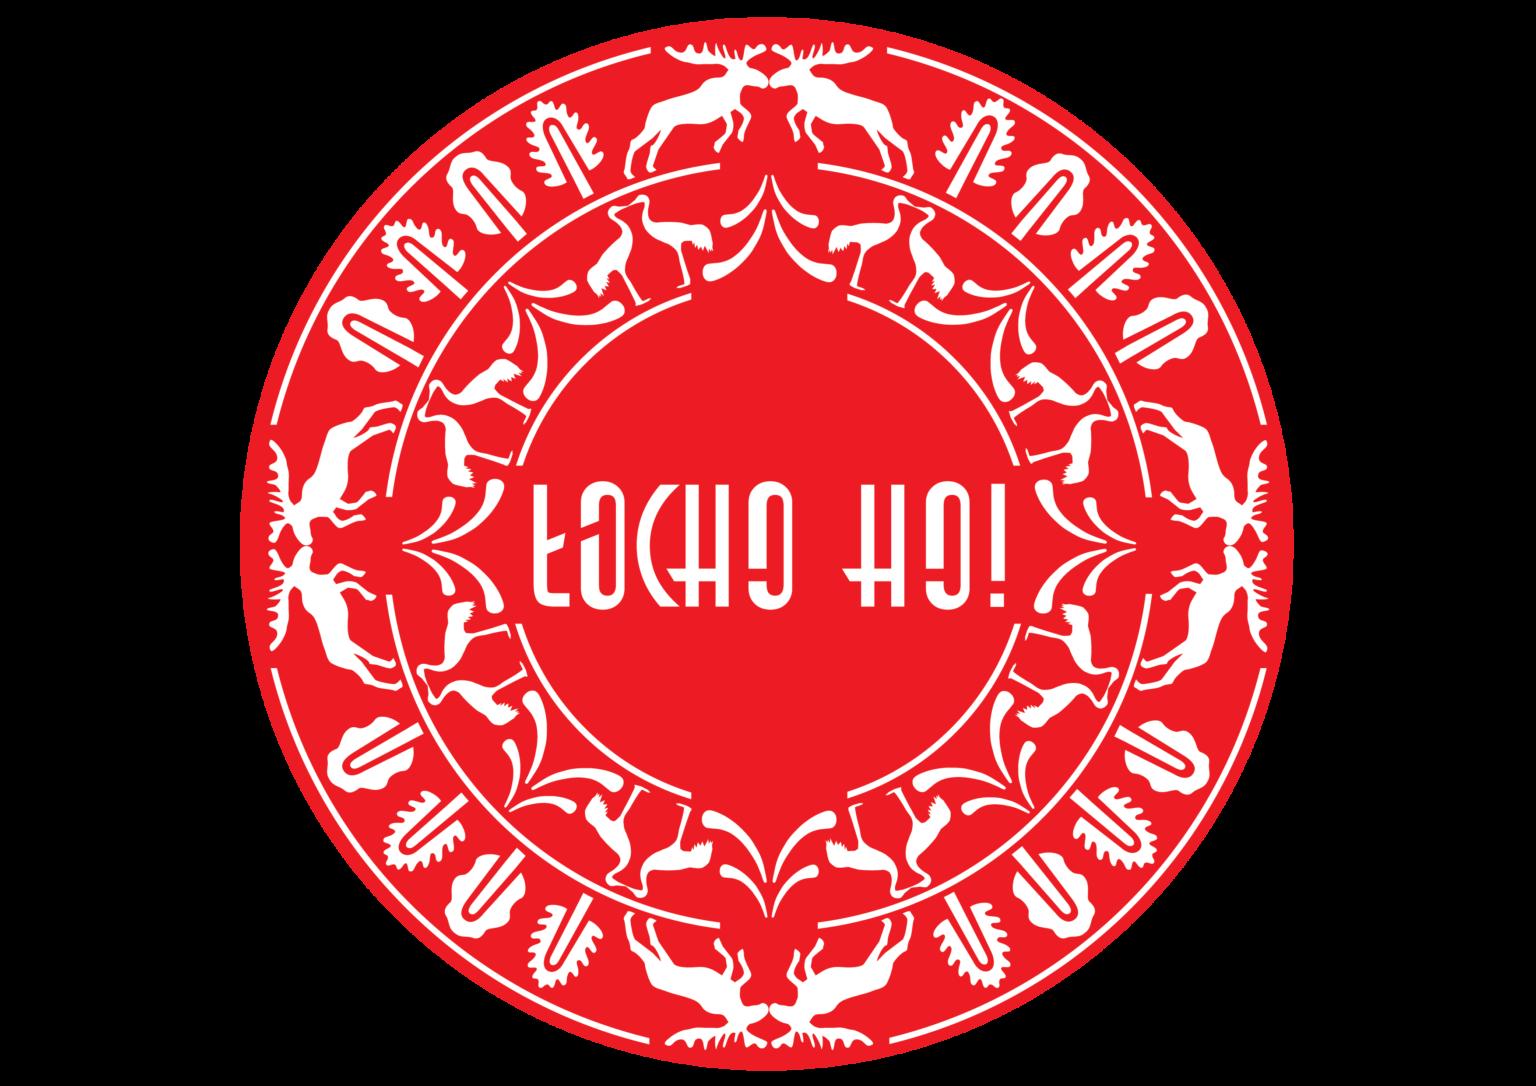 Locho Ho! logo